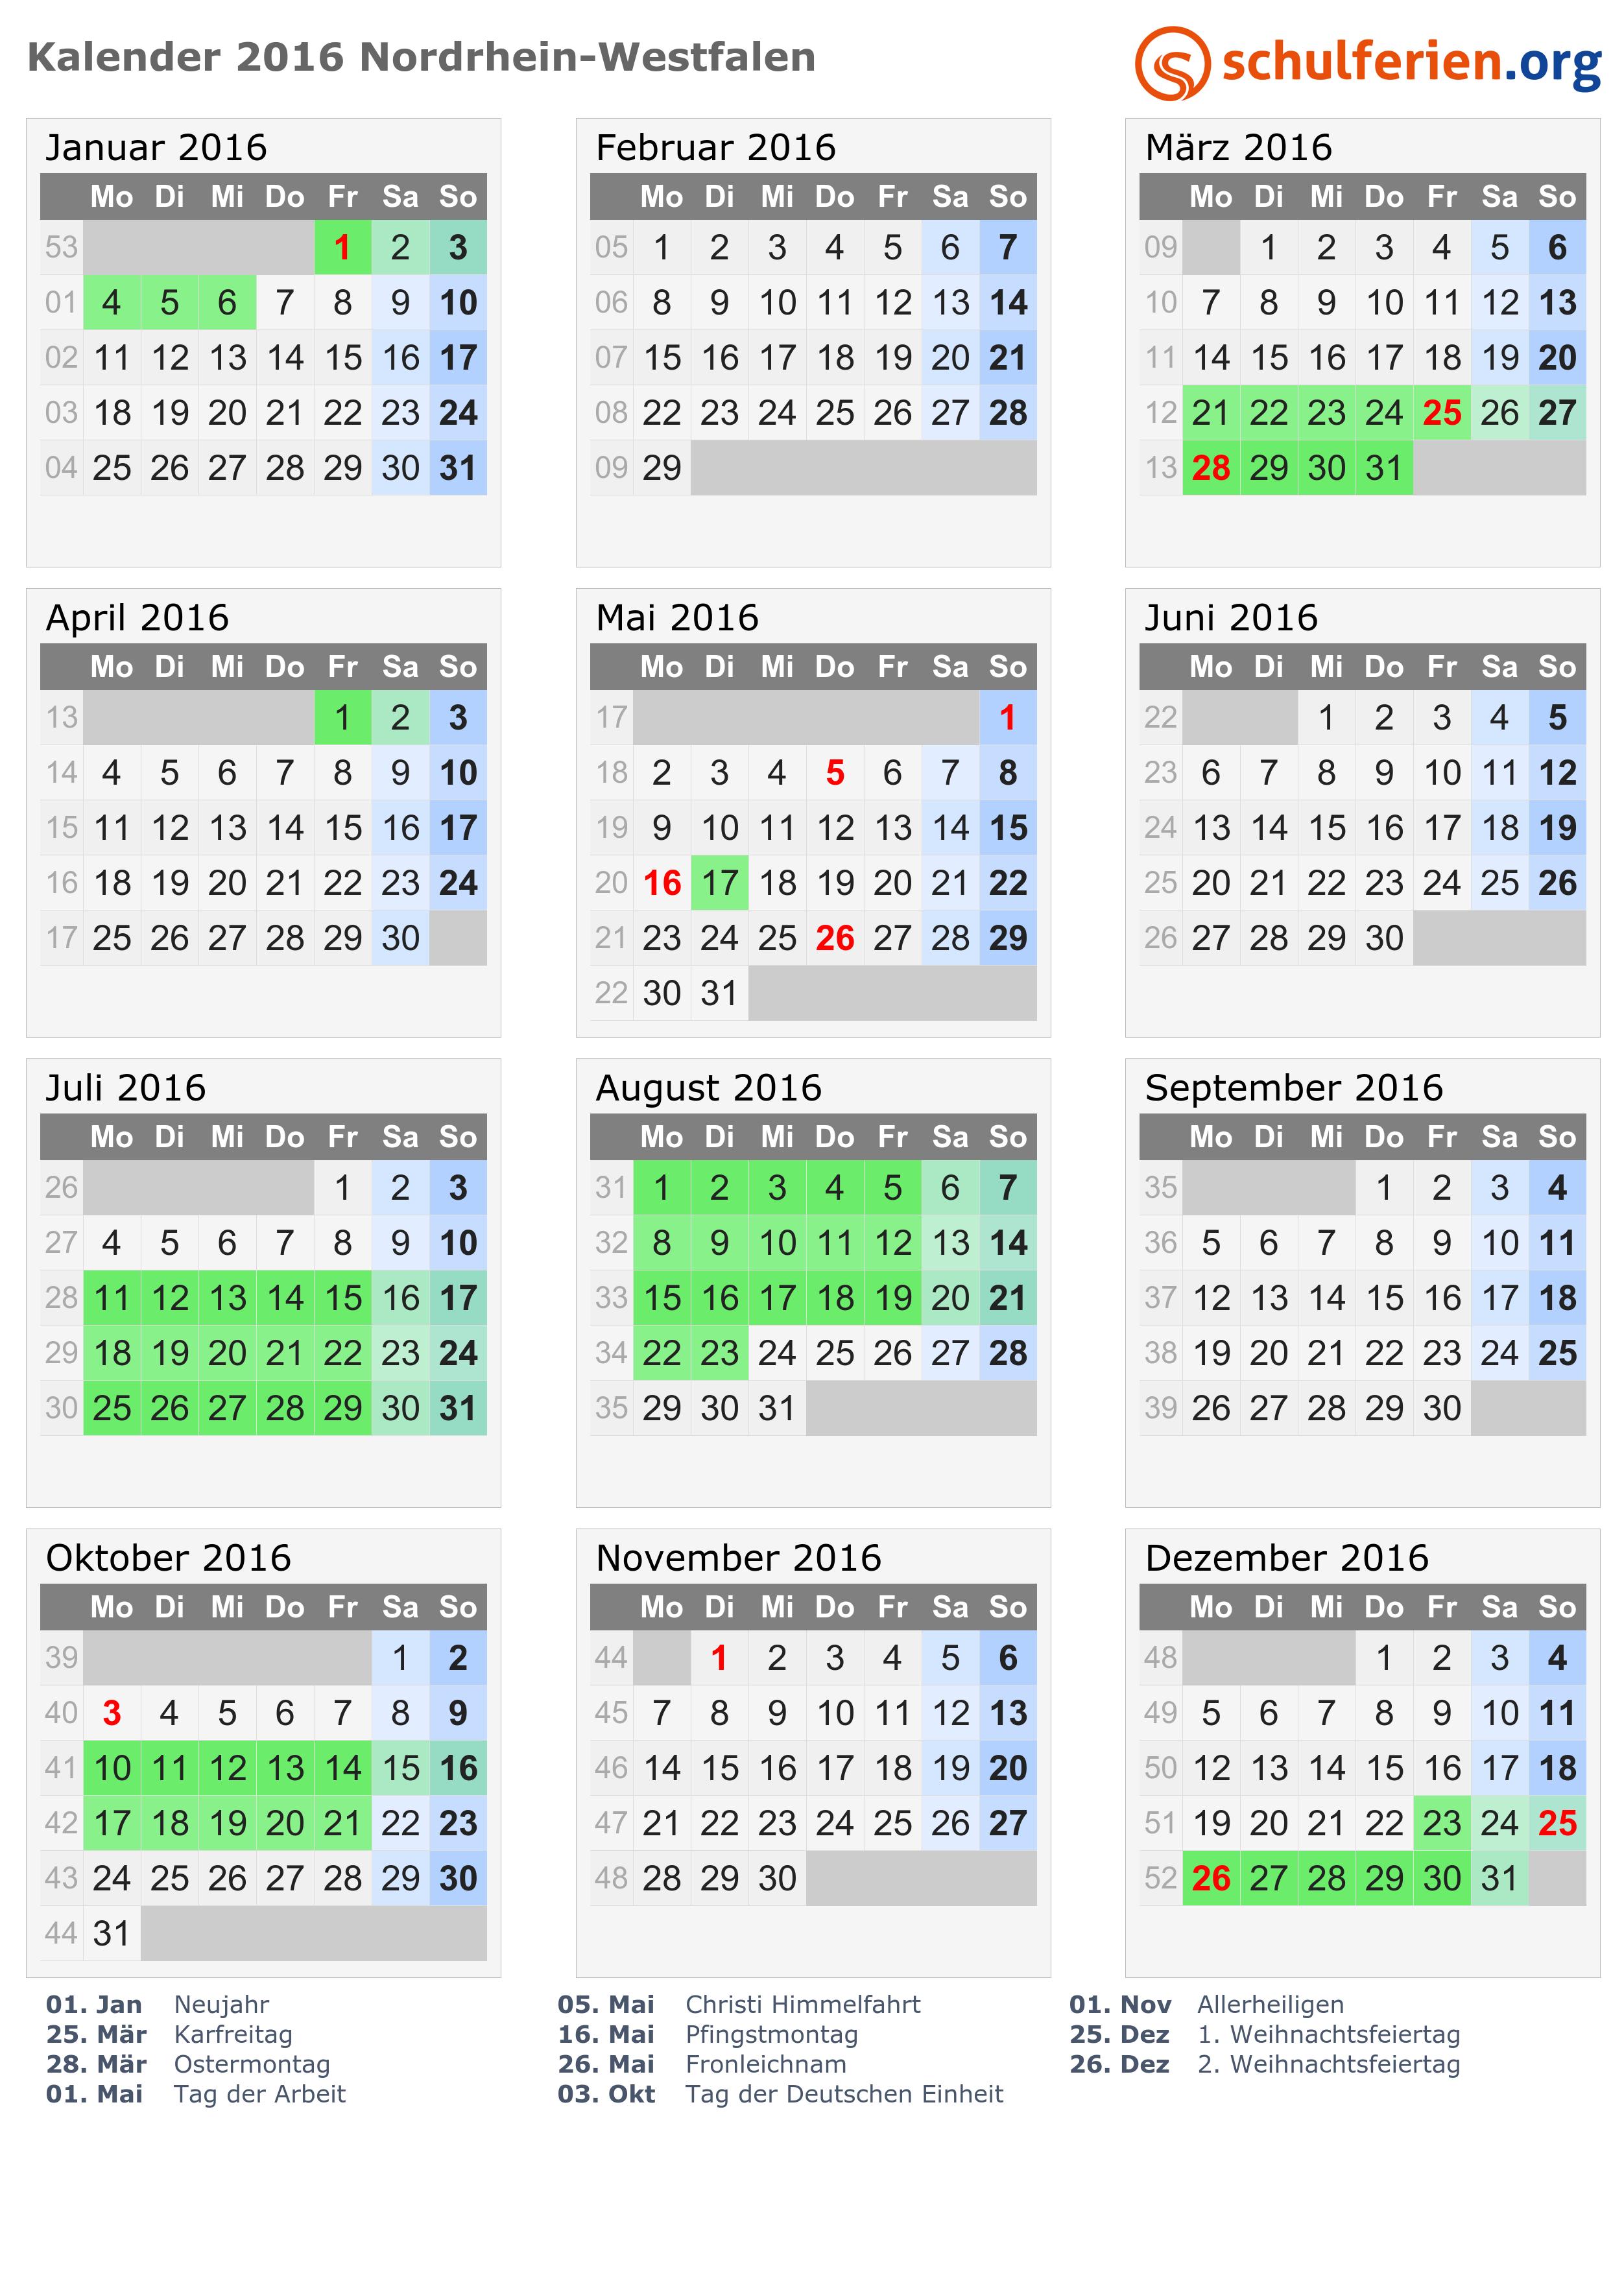 Kalender 2016 + Ferien Nordrhein-Westfalen, Feiertage